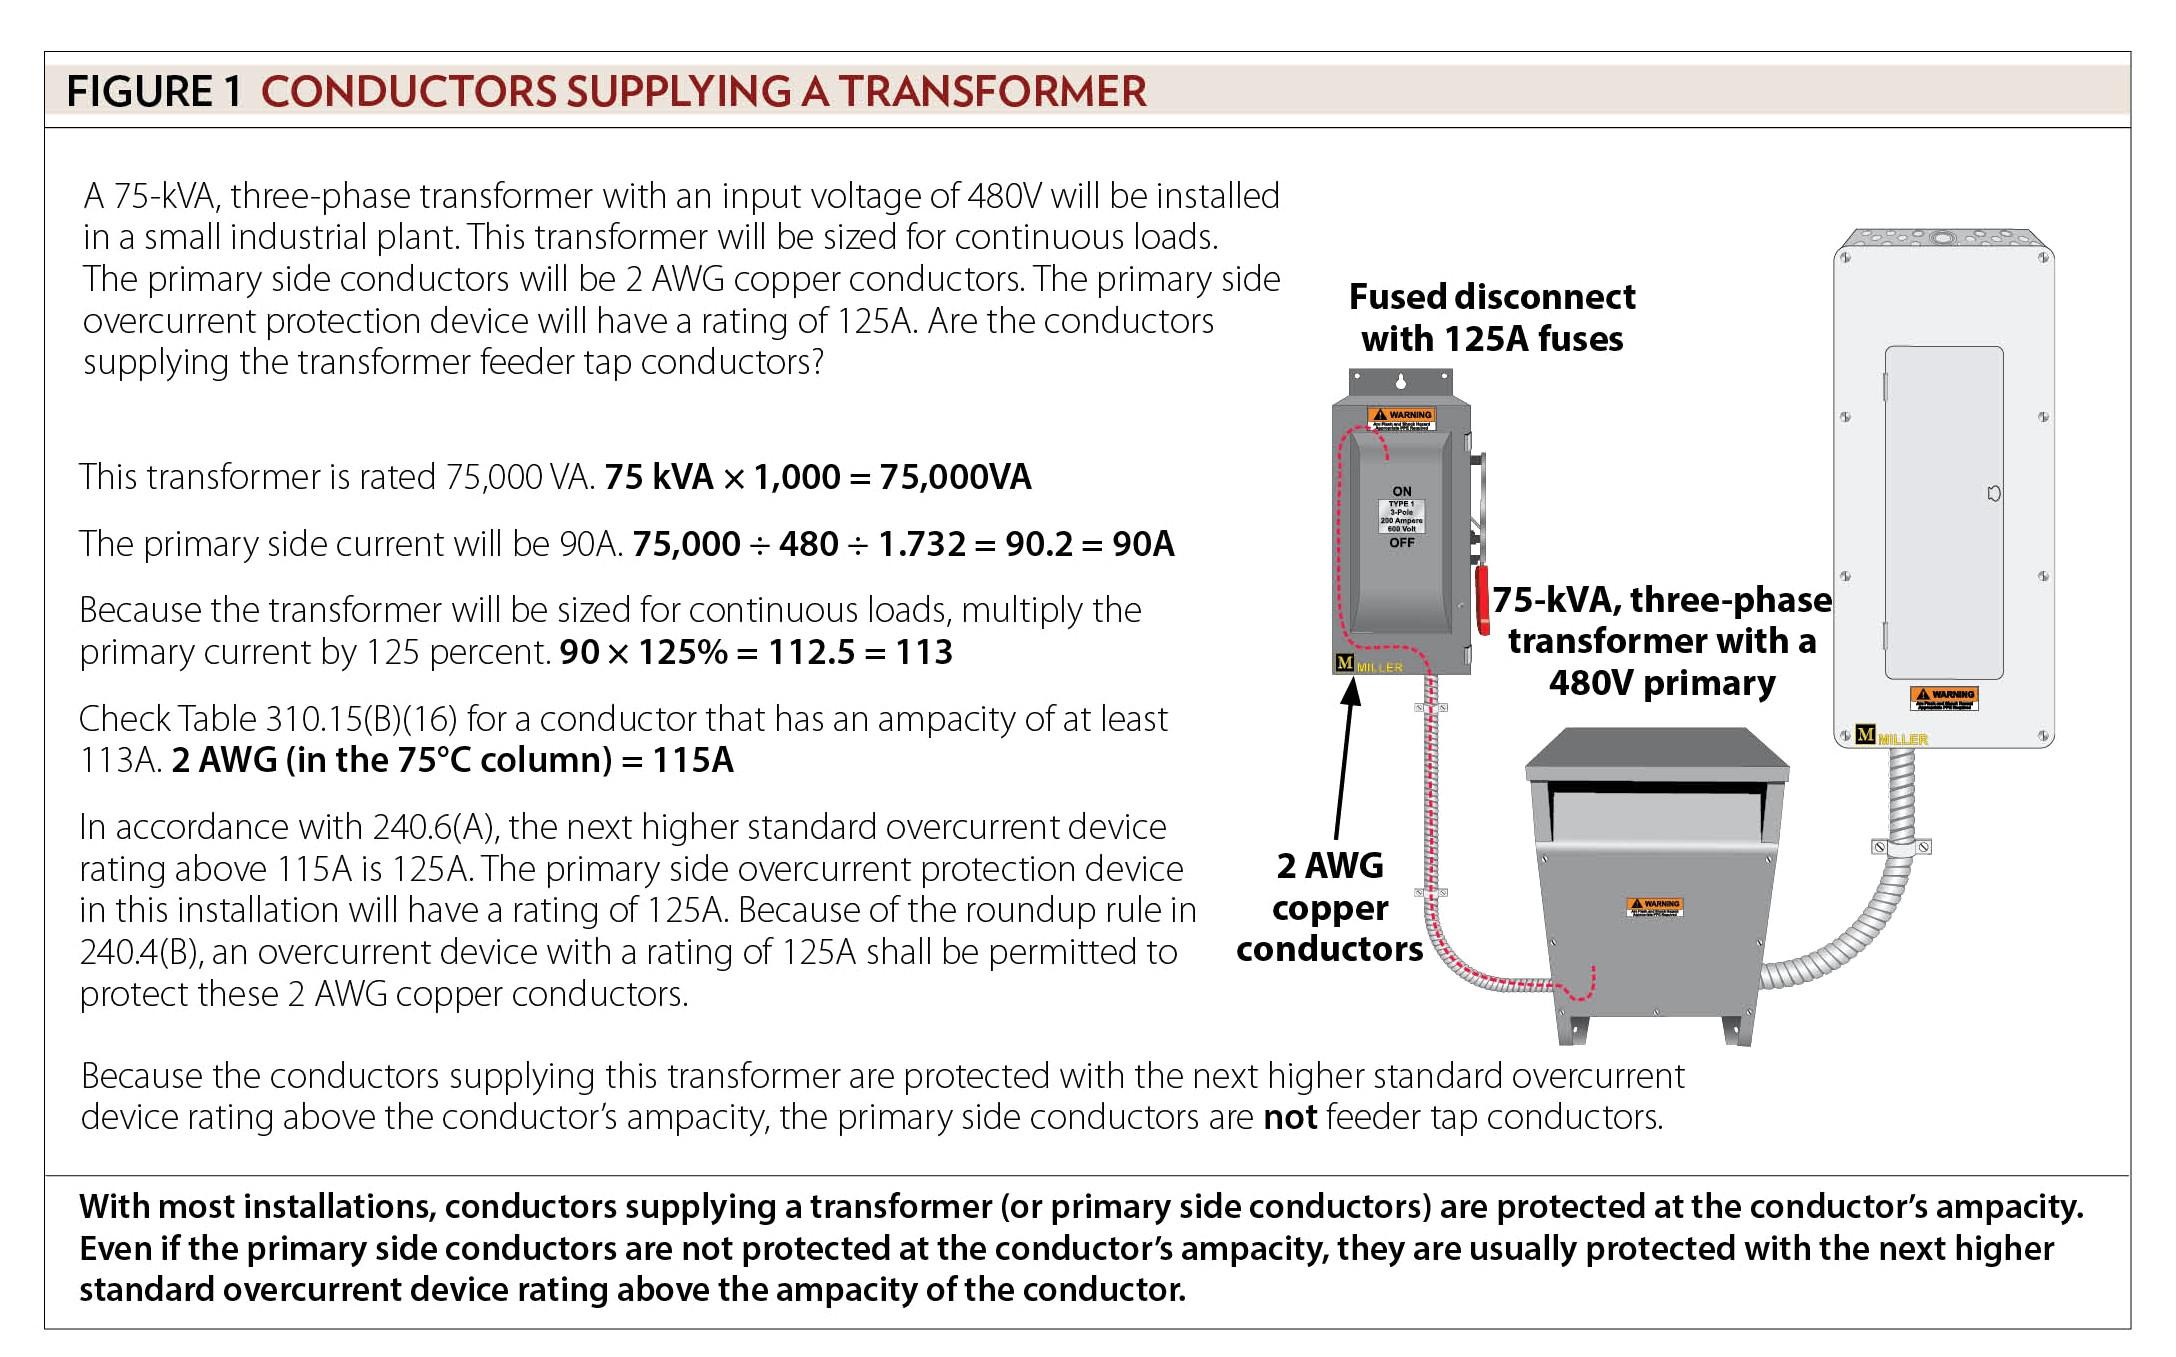 30 Kva Transformer Wiring Diagram   Wiring Diagram - 3 Phase Transformer Wiring Diagram